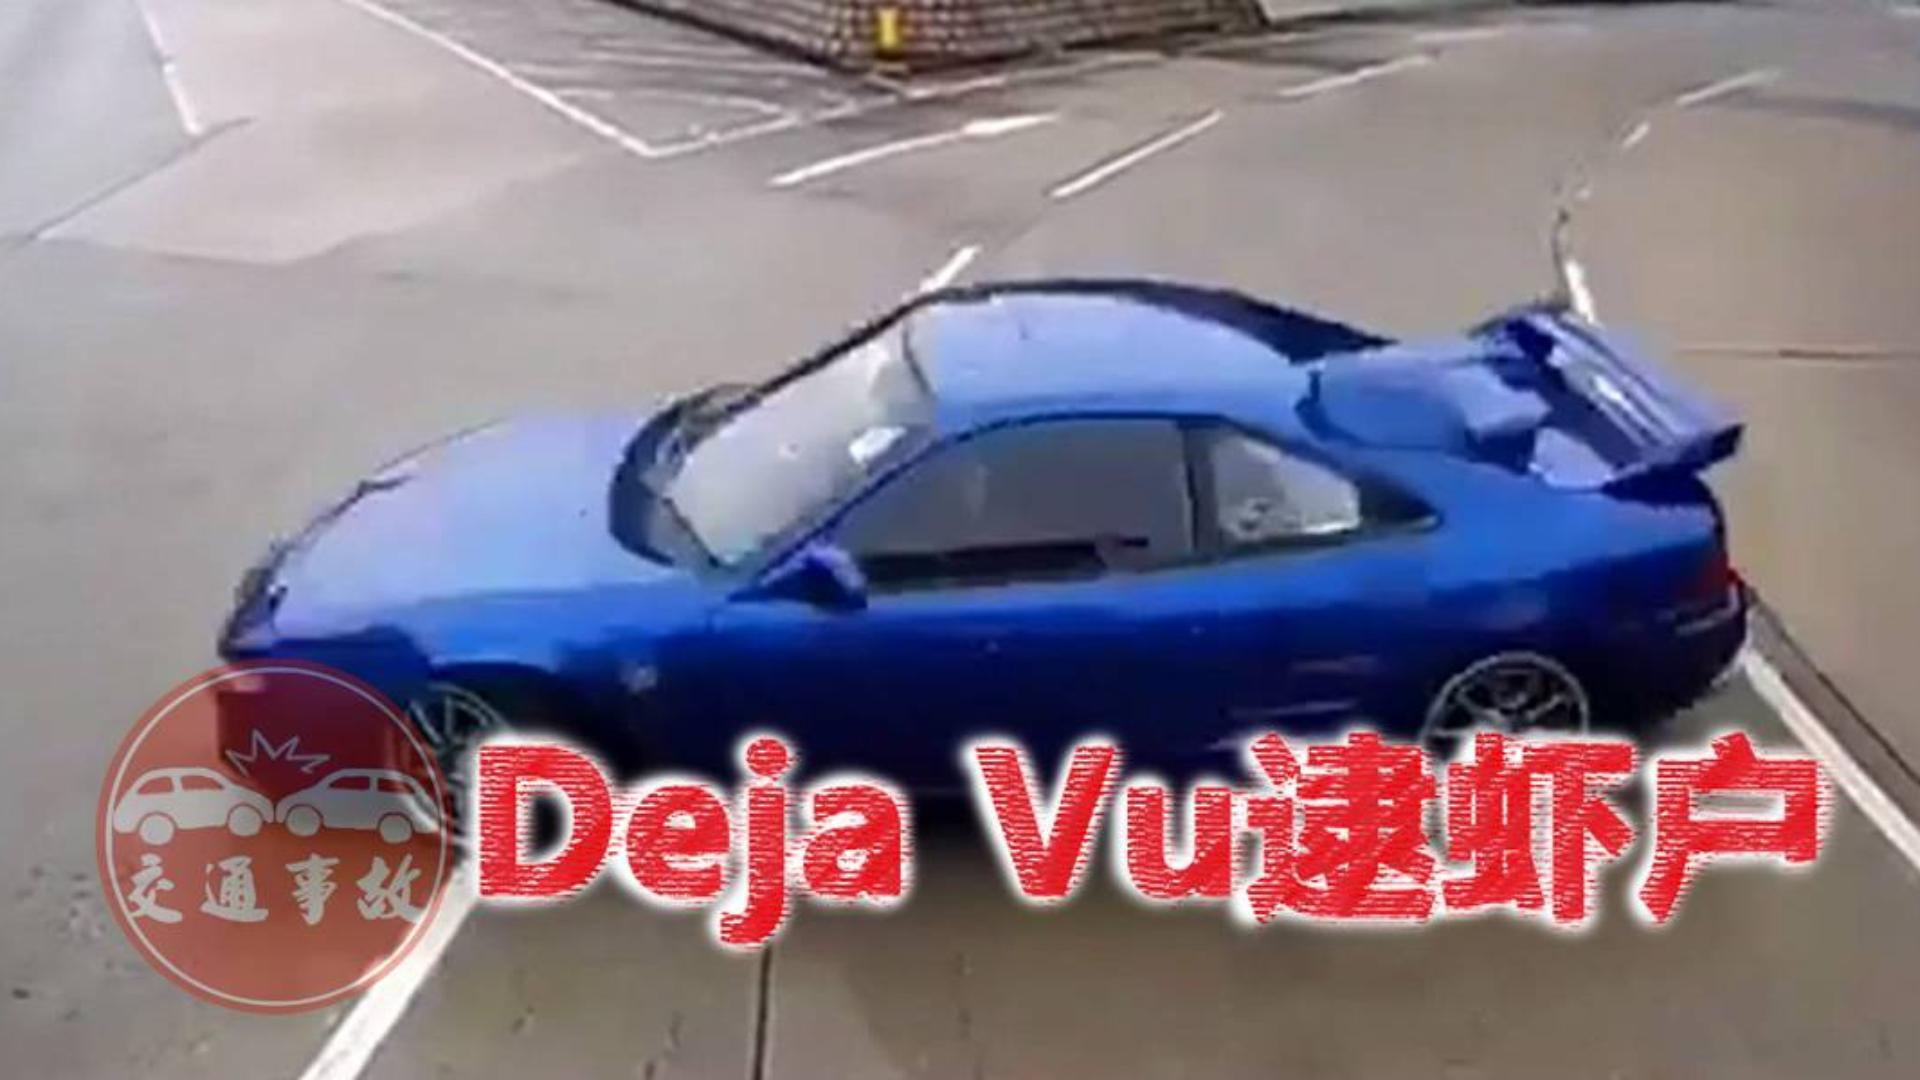 Deja Vu逮虾户2020(一)